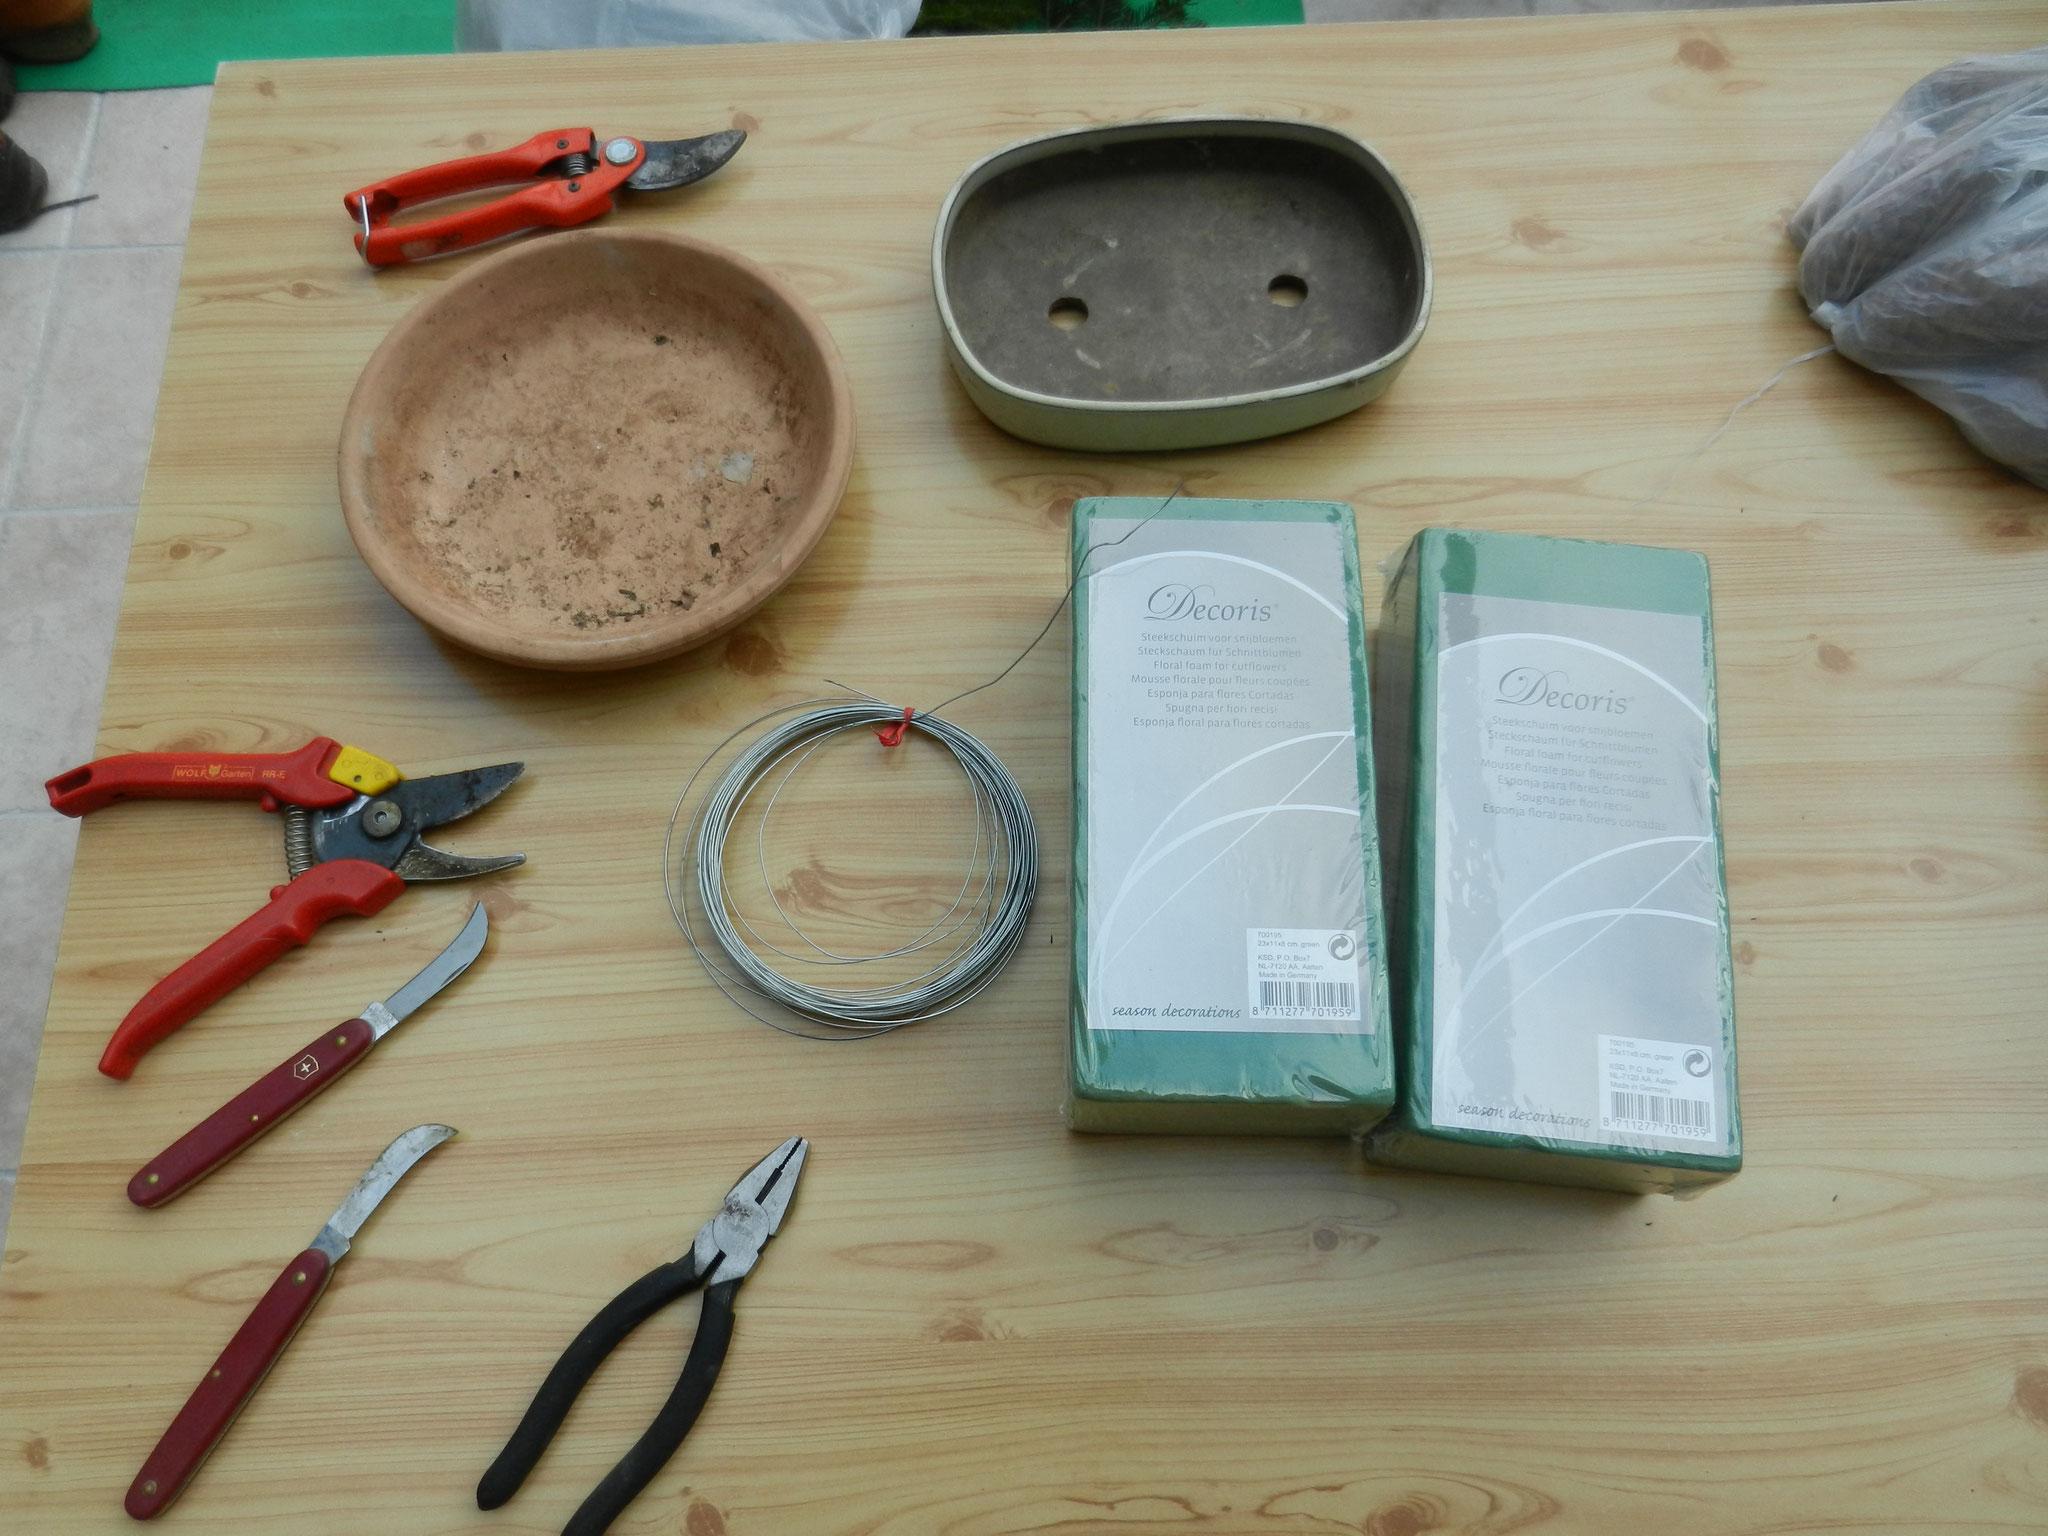 Les outils, sécateur, fil de fer mousse